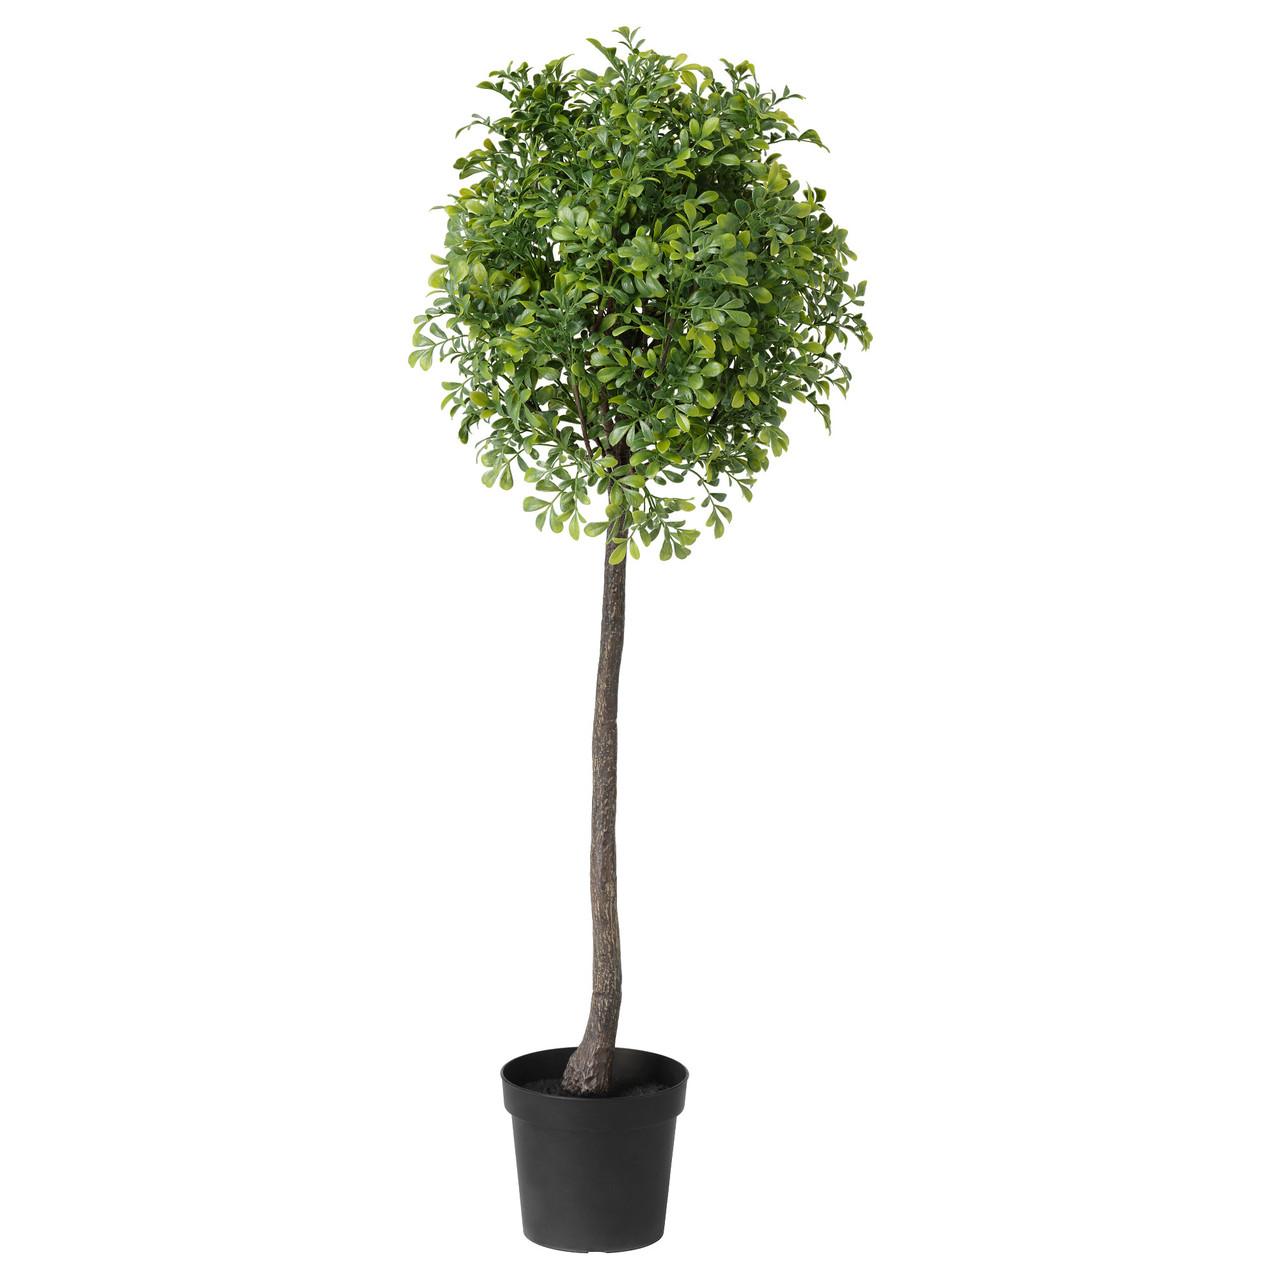 """ИКЕА """"ФЕЙКА"""" Искусственное растение в горшке, для дома и улицы, самшит стебель, 93 см."""